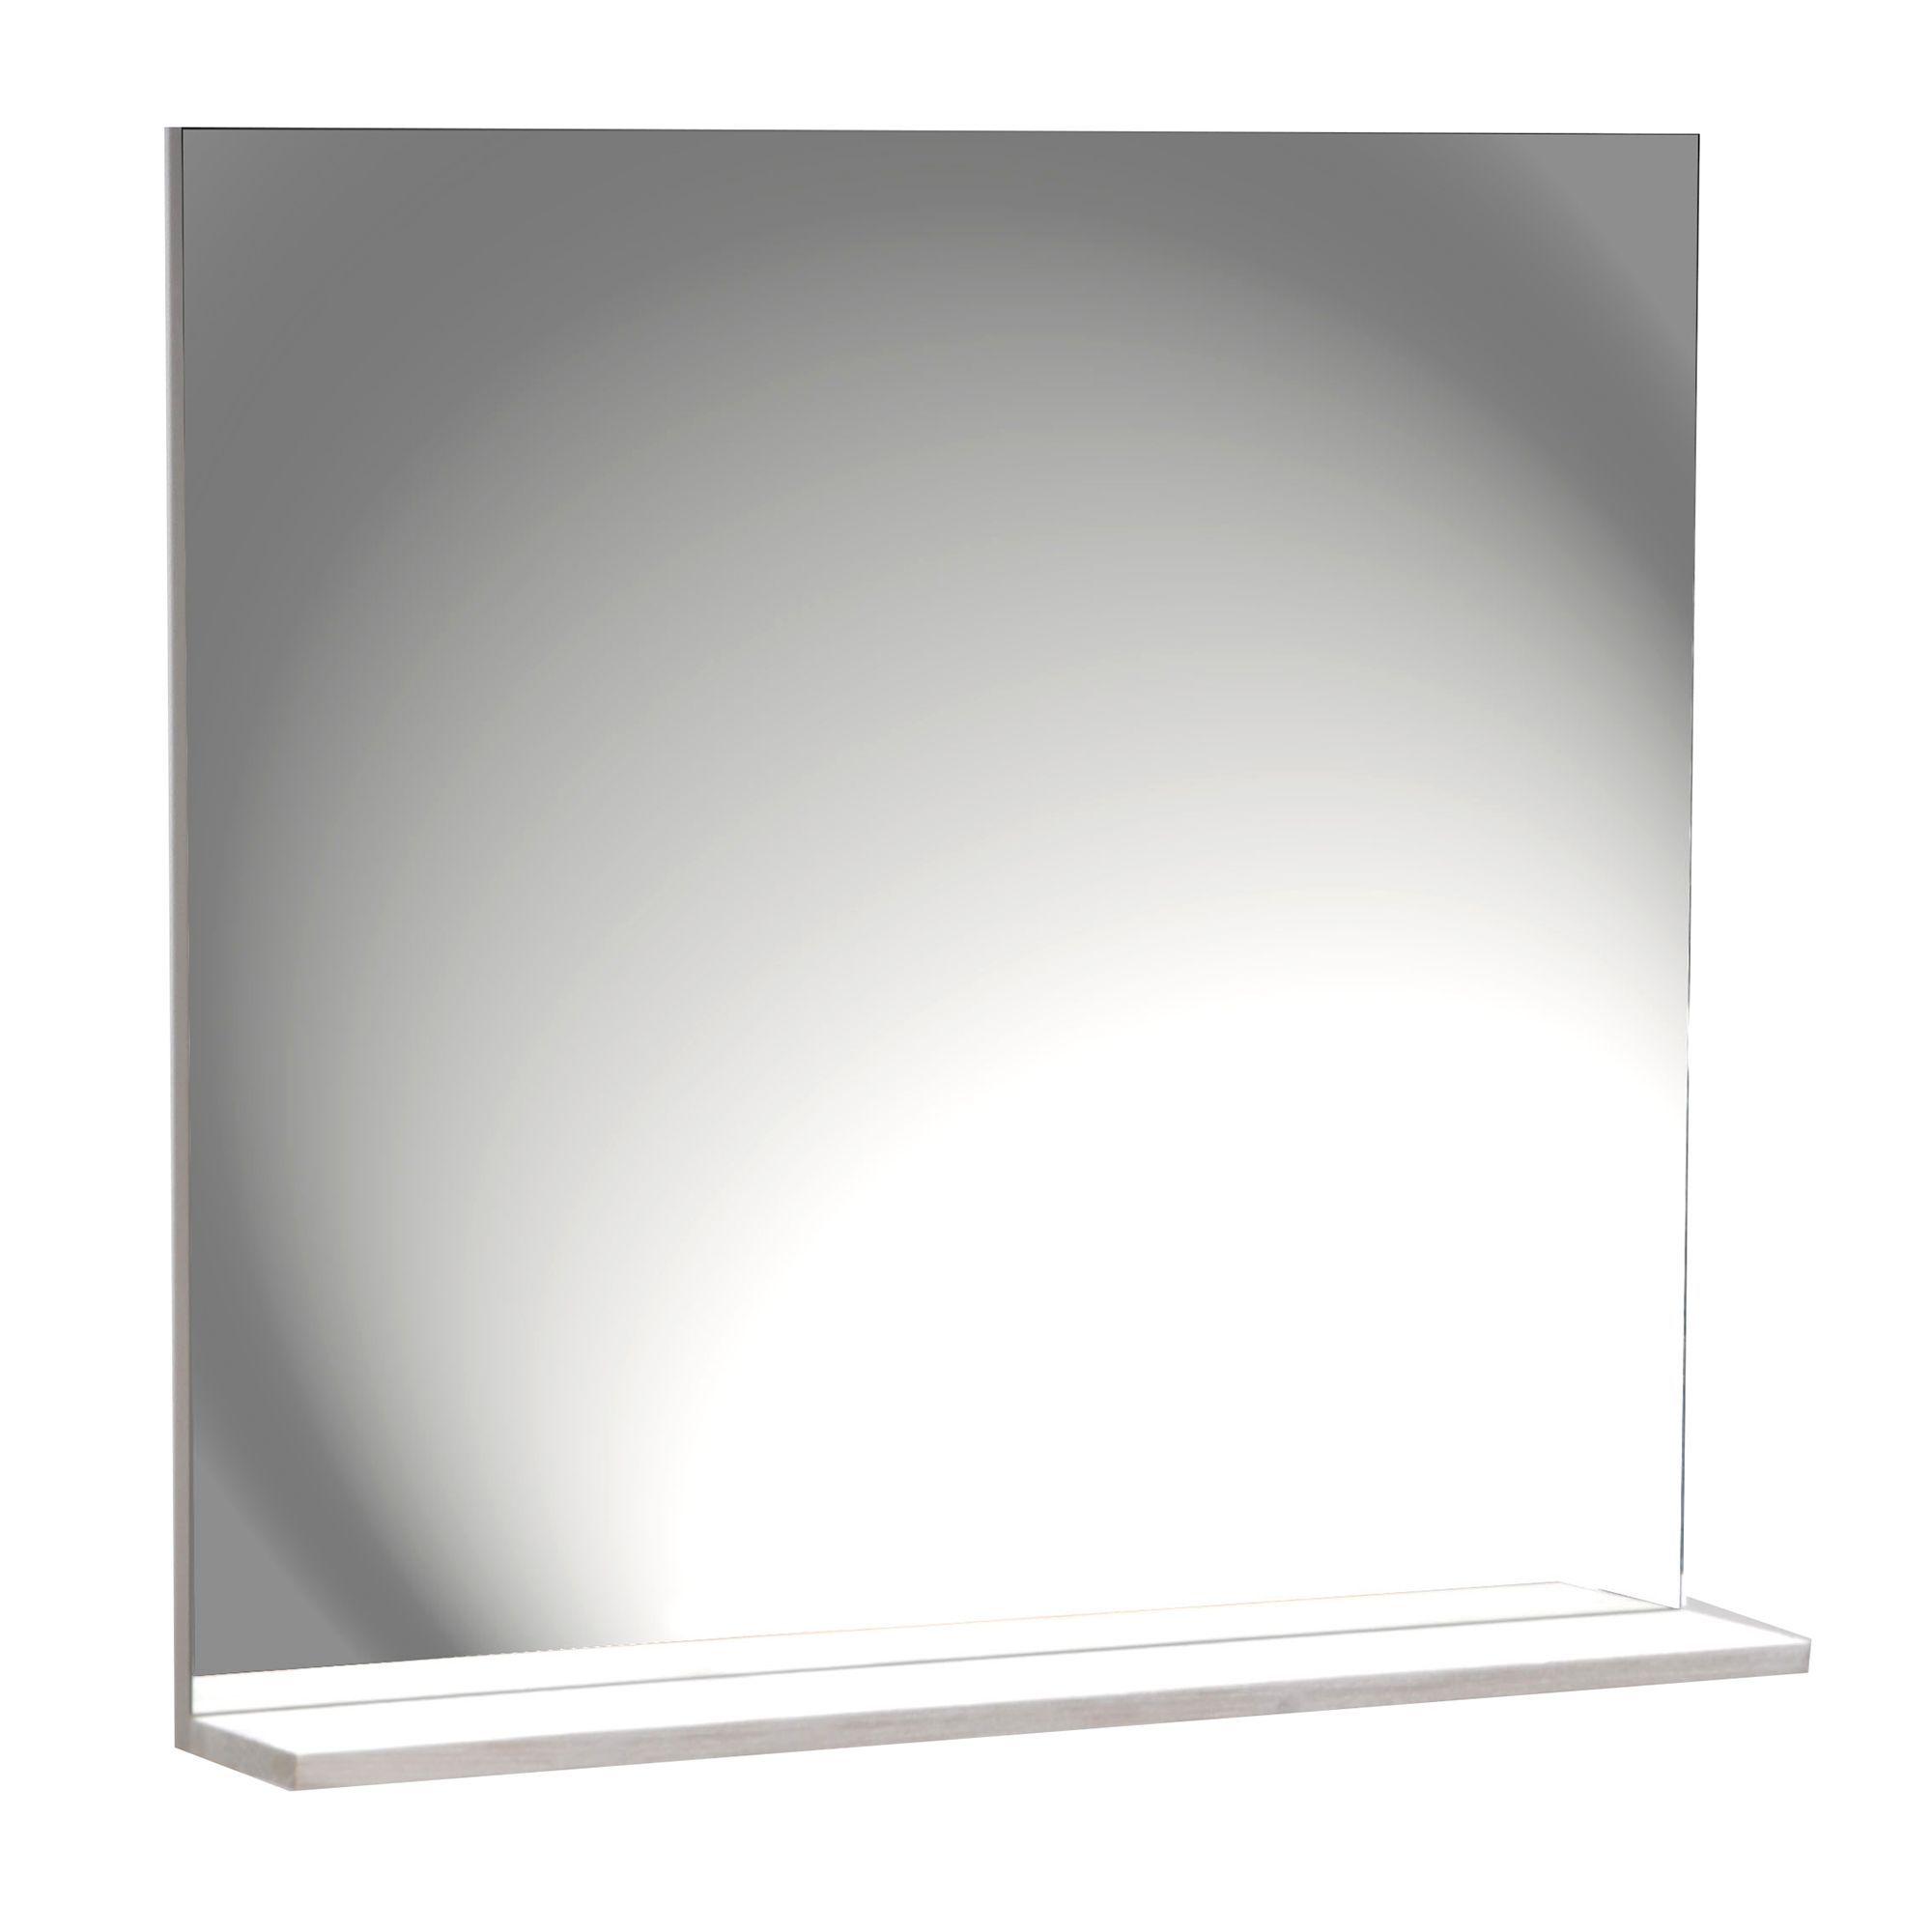 Tablette Salle De Bain 80 Cm miroir avec tablette 80cm gris - marine bain - les miroirs